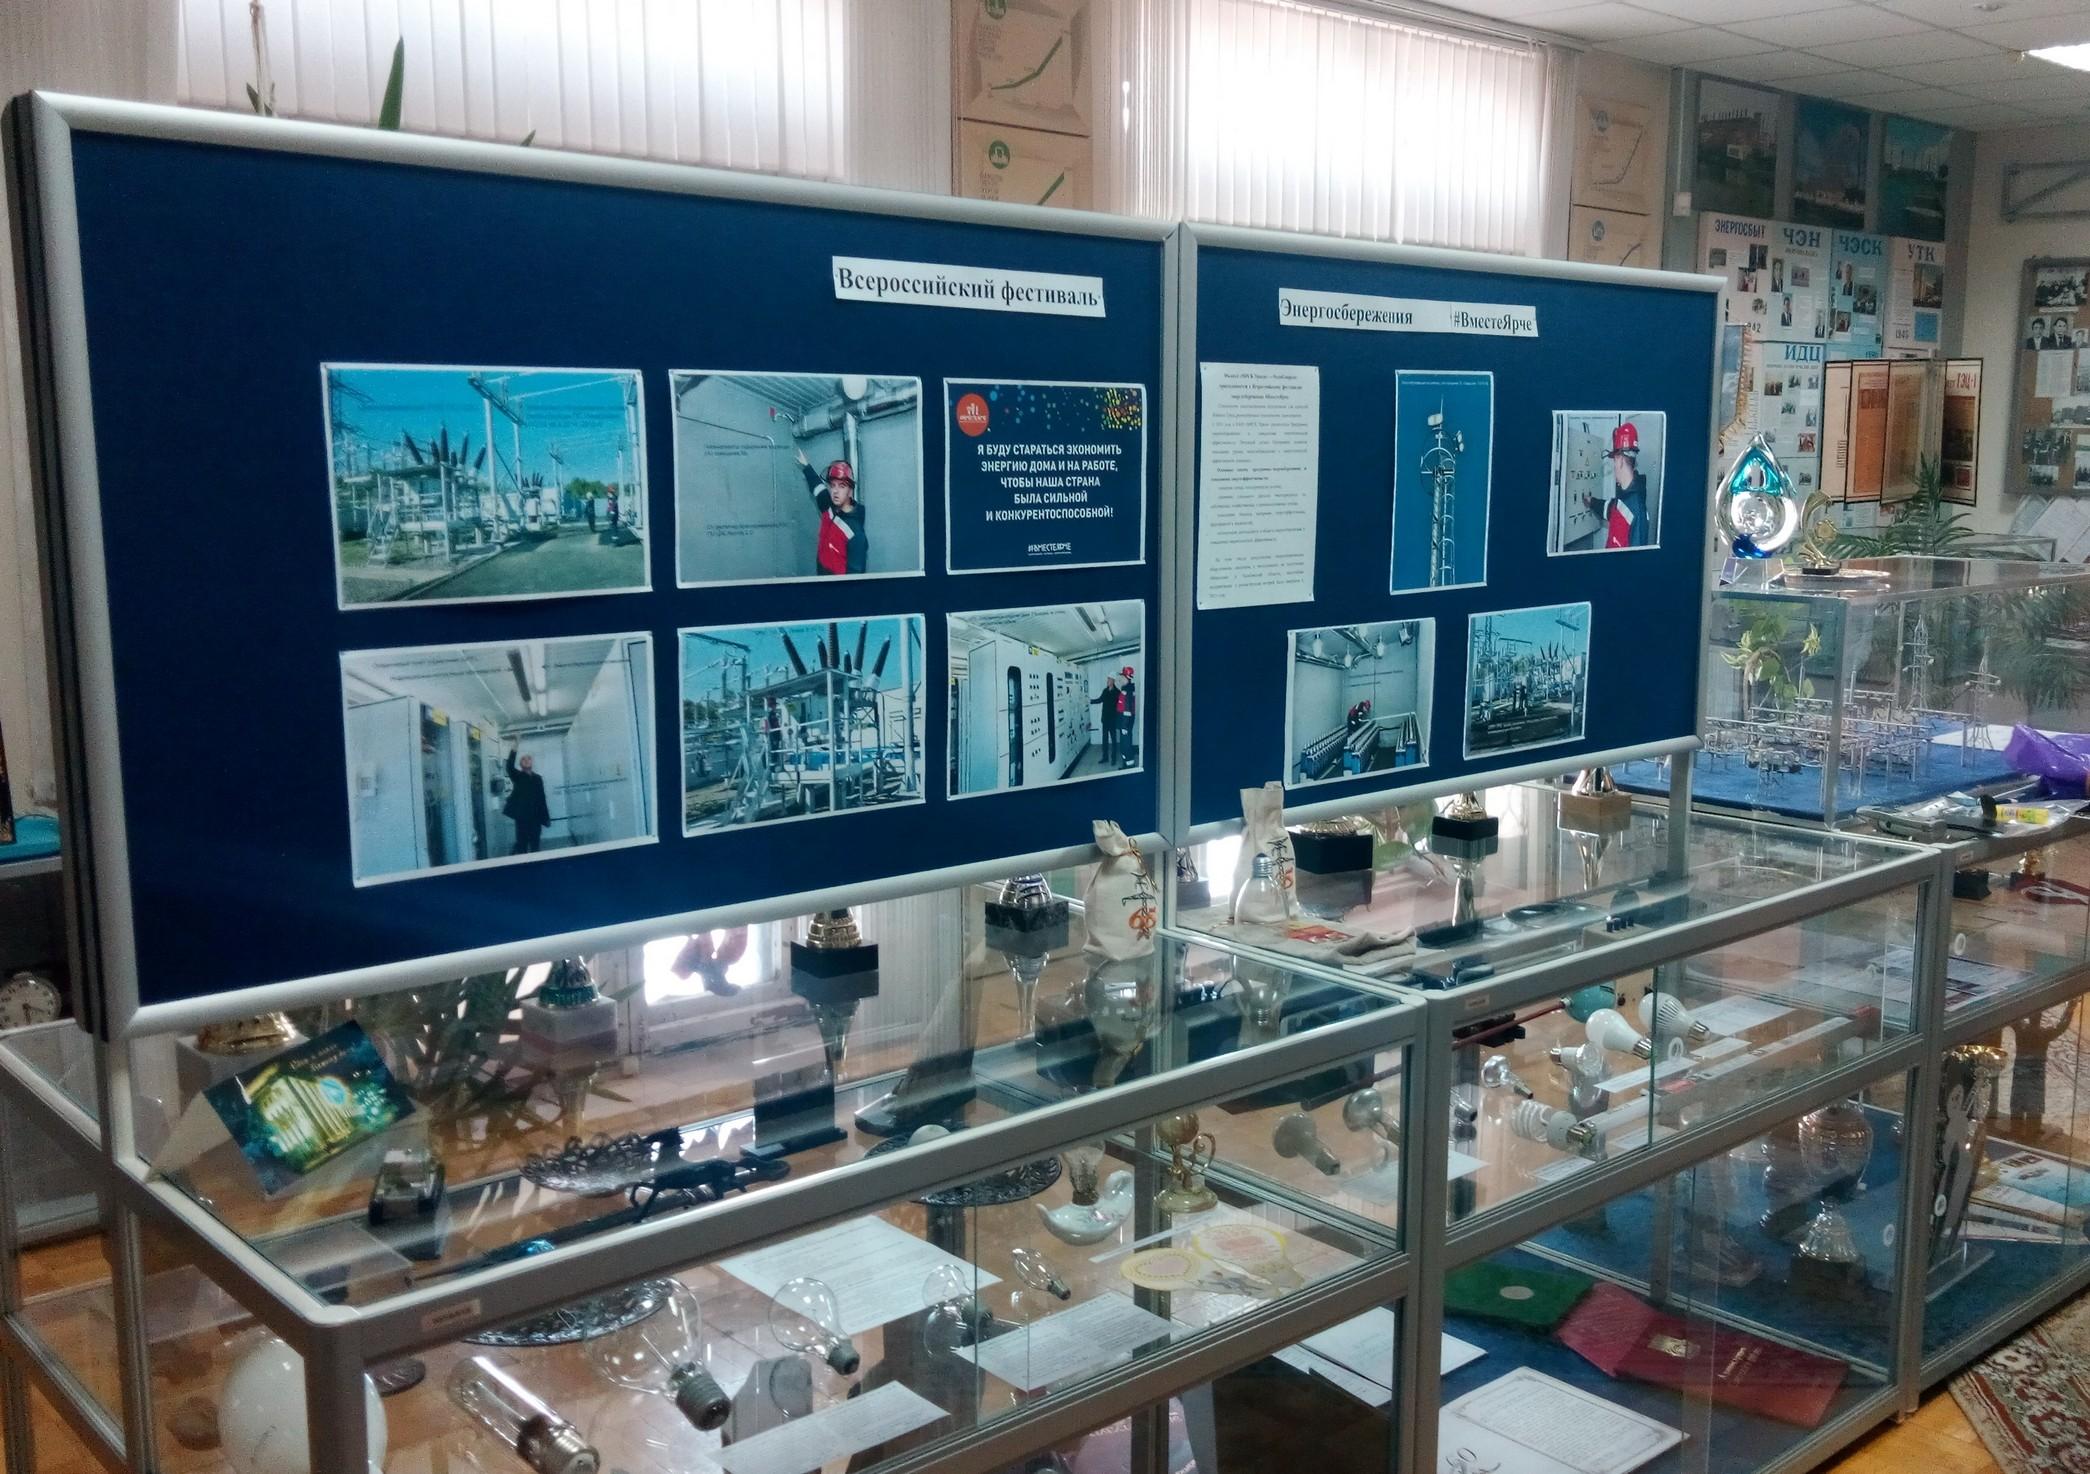 Как сообщили агентству «Урал-пресс-информ» в Челябэнерго, в начале сентября в музее истории Челяб